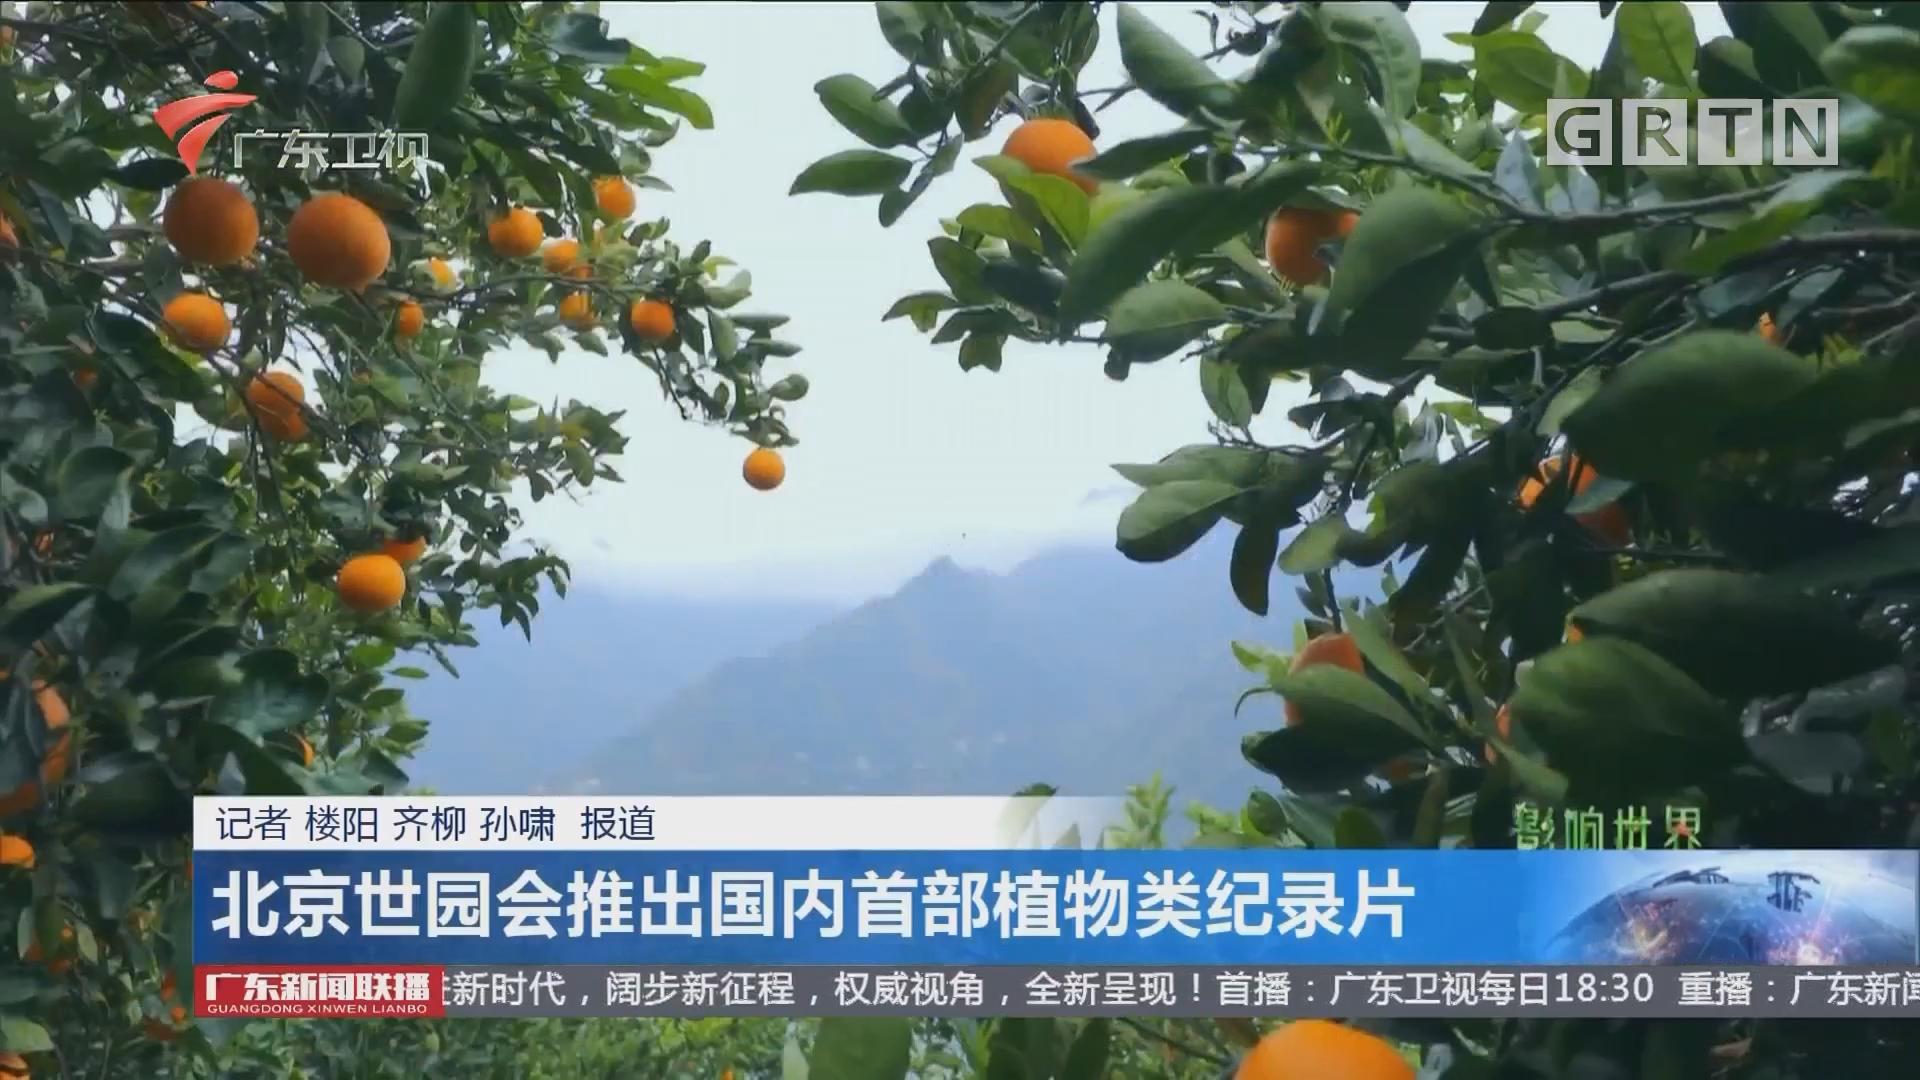 北京世园会推出国内首部植物类纪录片